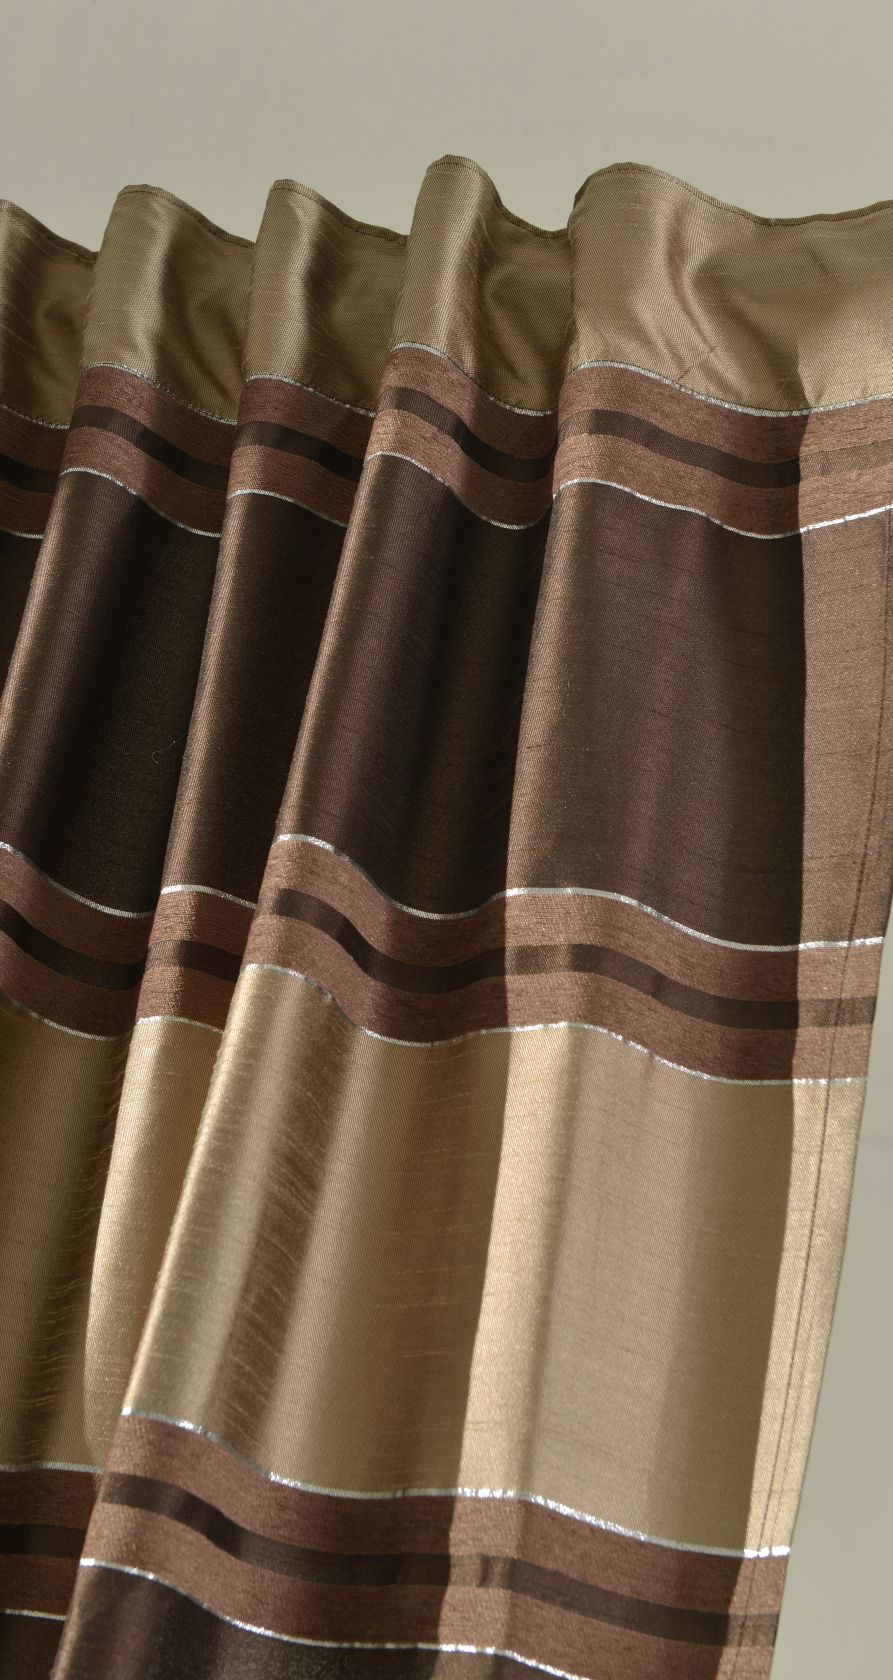 vorhang schal gardine chenille effekt streifen schlaufen blickdicht 20430 ebay. Black Bedroom Furniture Sets. Home Design Ideas